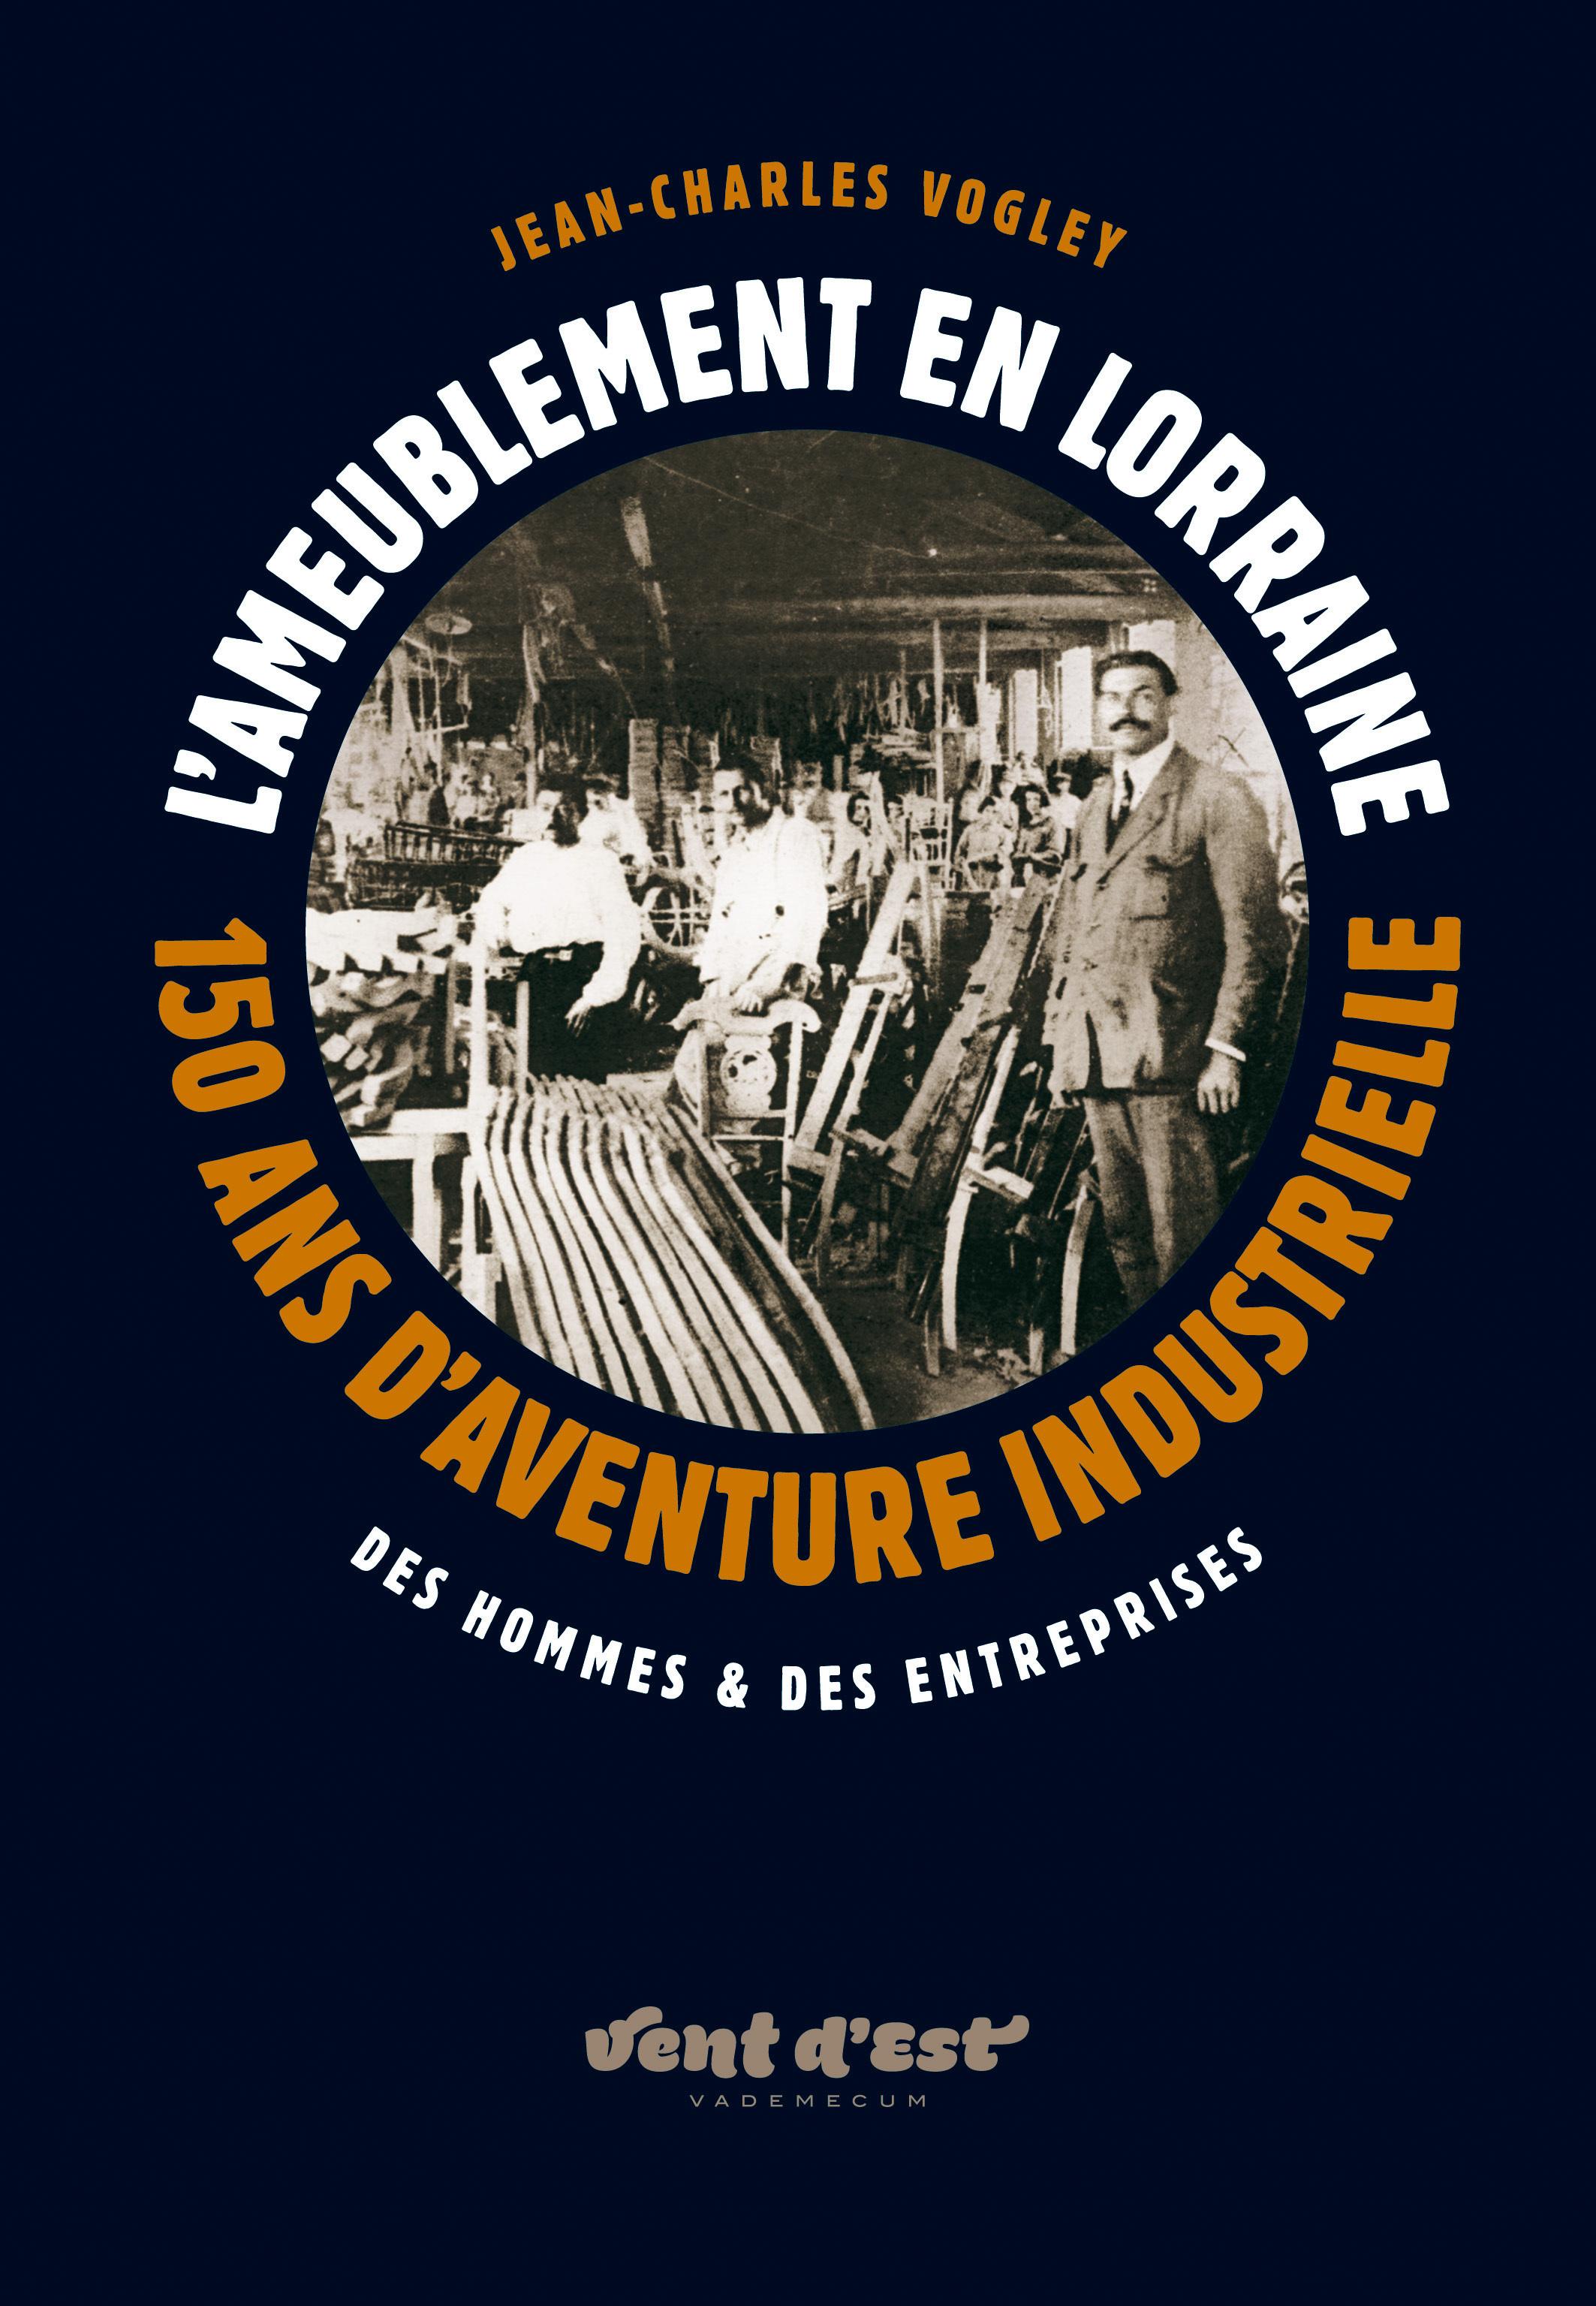 L'AMEUBLEMENT EN LORRAINE, 150 ANS D'AVENTURE INDUSTRIELLE